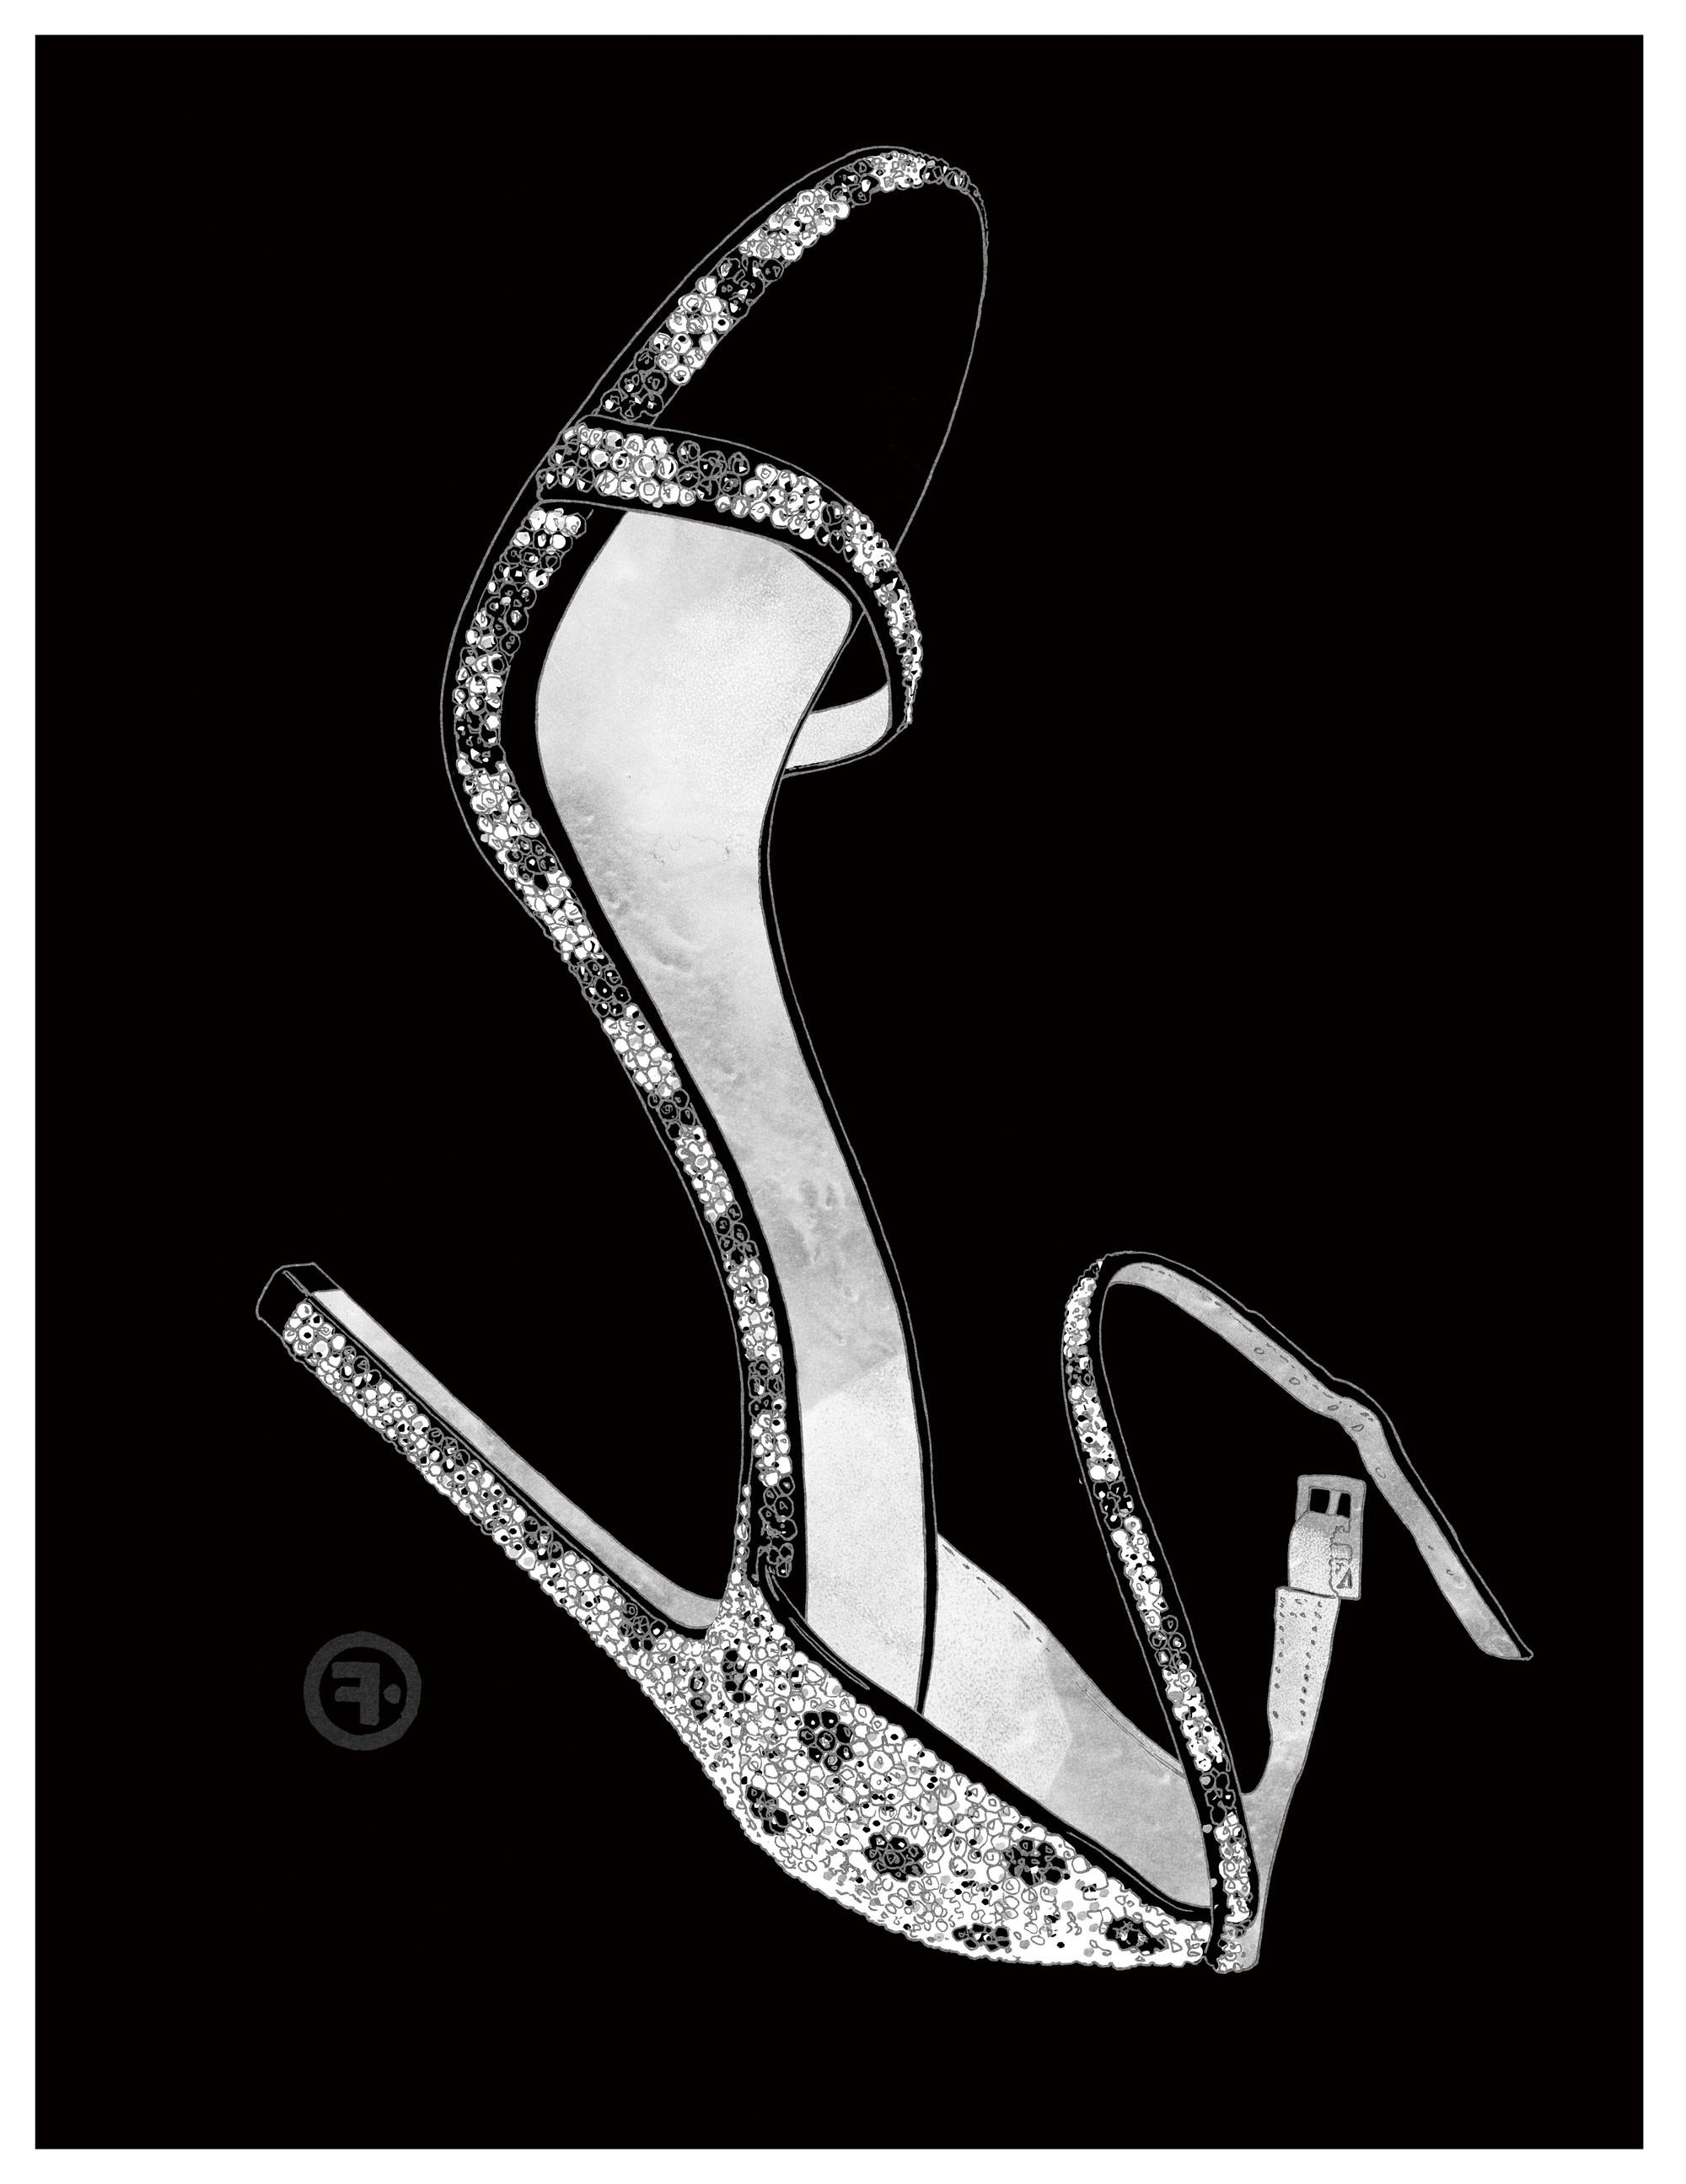 """Illustration Francois Berthoud  Il y a quelques années, ses sandales à 500000dollars, les Diamond Dream, ont défrayé la chronique. """"Nous voulions faire des Oscars une vitrine mondiale pour nos chaussures, et c'est peu dire qu'on a réussi"""", se félicite Stuart Weitzman. Aux pieds d'Anika Noni Rose lorsde la cérémonie de 2007, les modèles à talons aiguilles pavés de diamants véritables sont relayés par tous les médias et déchaînent les passions… La plus jeune frange des fashionistas découvre alors l'existence de la marque Stuart Weitzman qui, au fil du temps, est parvenue à devenir une référence en alliant ces deuxvaleurs très américaines: le glamour et la fonctionnalité. Pour la première: une cohorte de stars rivalisant sur les tapis rouges de Hollywood chaussées de sa sandale ultra aérienne, la Nudist, qui dévoile si sensuellement le pied –Blake Lively, Jennifer Lopez, Lady Gaga ou encore Gigi Hadid. Pour la seconde: une architecture des souliers étudiée pour garantir un confort optimal, même sur des talons aiguilles de 12cm: """"Je veux que les femmes sourient lorsqu'elles portent mes chaussures"""", déclare Stuart Weitzman.  Pour s'en assurer, le New-Yorkais, à la fois designer et businessman aguerri, s'appuie sur une expérience et une réflexion solides: plus qu'un simple métier, la chaussure et ses courbes sinueuses ont dessiné depuis toujours le parcours de vie de Stuart Weitzman, dont le père possédait une usine dans le Massachusetts. Jeune homme, il décide pourtant de suivre des études de commerce, sans songer a priori rejoindre l'entreprise familiale… mais vend des dessins de chaussures pour gagner de l'argent de poche. """"Le business m'a pris par surprise, parce que mon talent a été remarqué et récompensé, explique-t-il aujourd'hui. Mais il m'aura fallu plusieurs années d'expérience pour définir mes objectifs."""" Visionnaire, Stuart Weitzman établit sa marque en 1986, en s'appuyant sur un facteur à ses yeux crucial: posséder ses propres usines. """"Cela me permet une plus"""